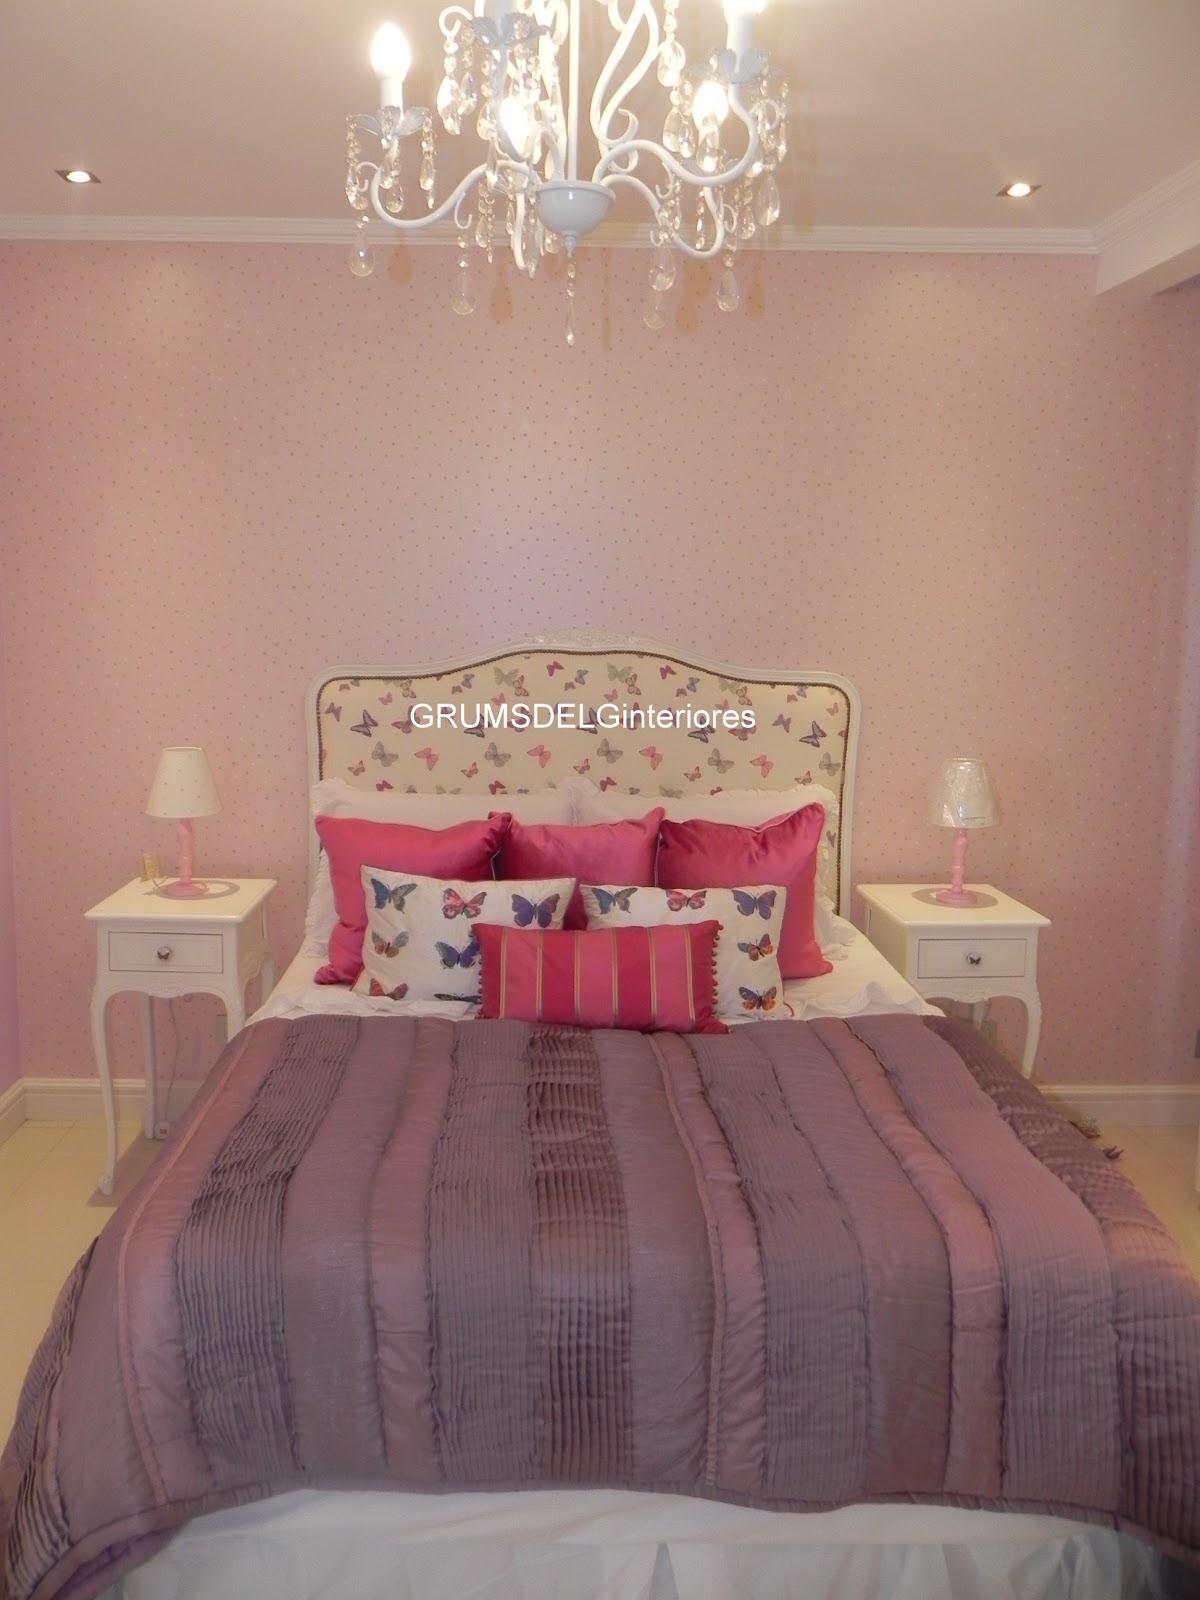 Grumsdelg interiores butterfly s bedroom - Anticuarios en cordoba ...